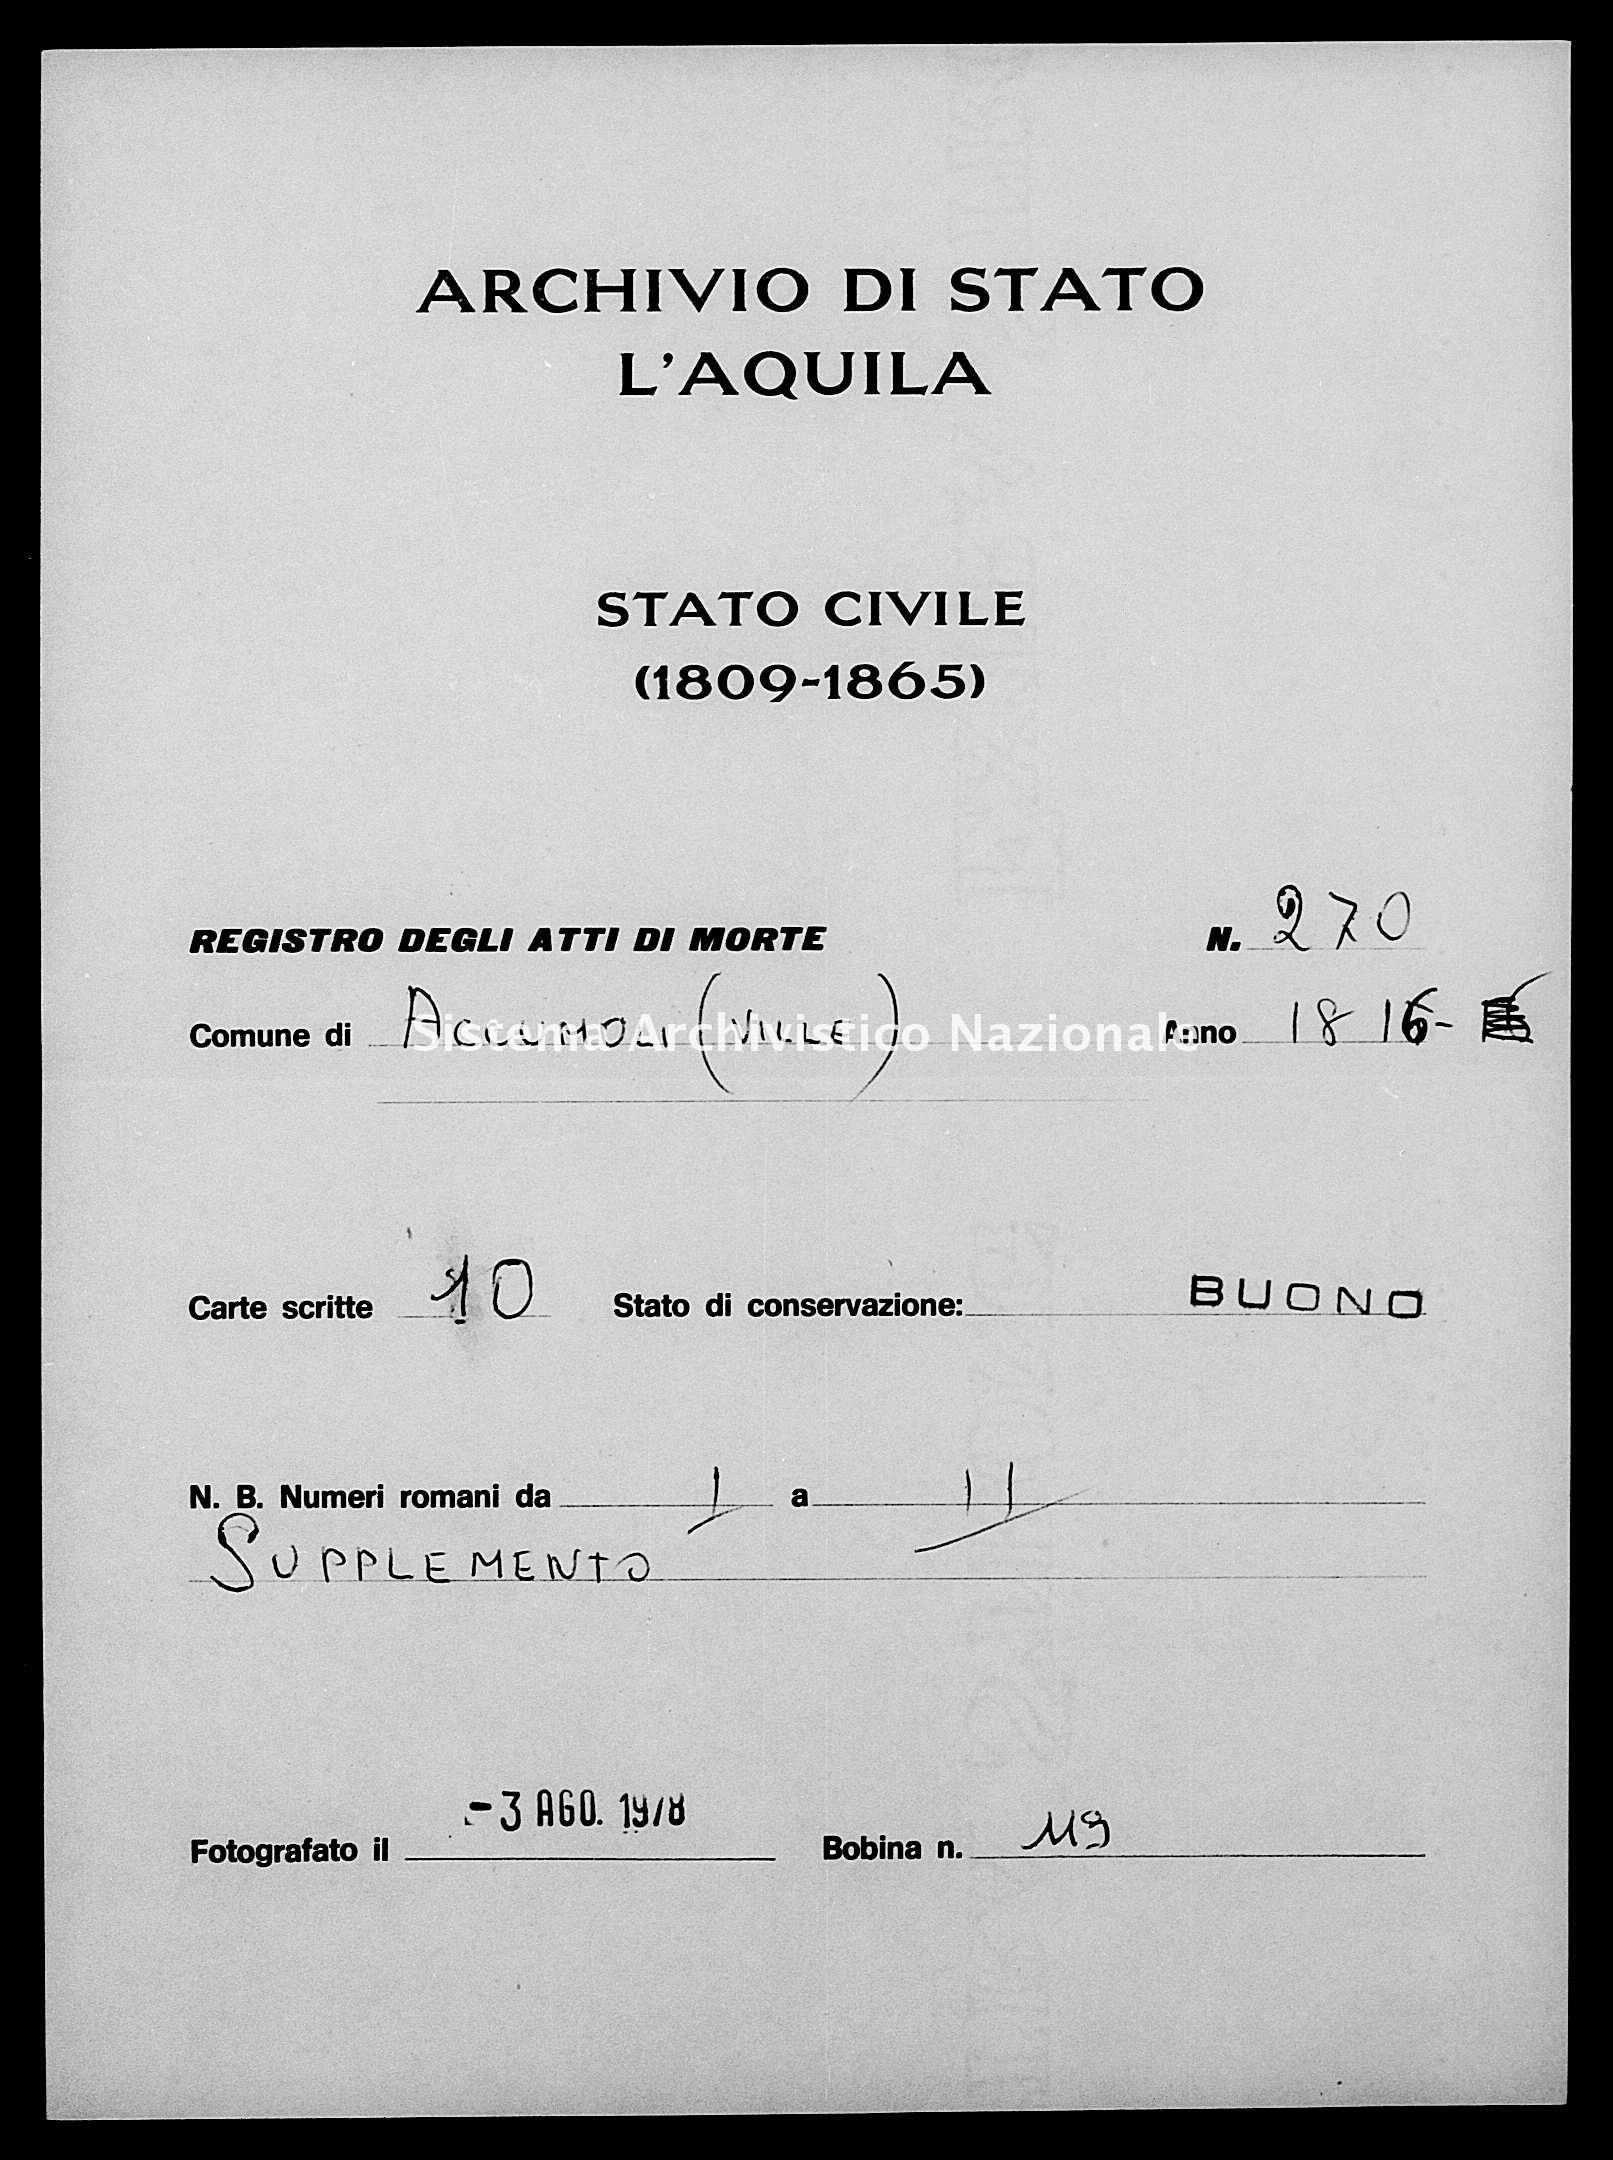 Archivio di stato di L'aquila - Stato civile della restaurazione - Accumoli - Morti - 09/01/1816-28/06/1816 - 270 -